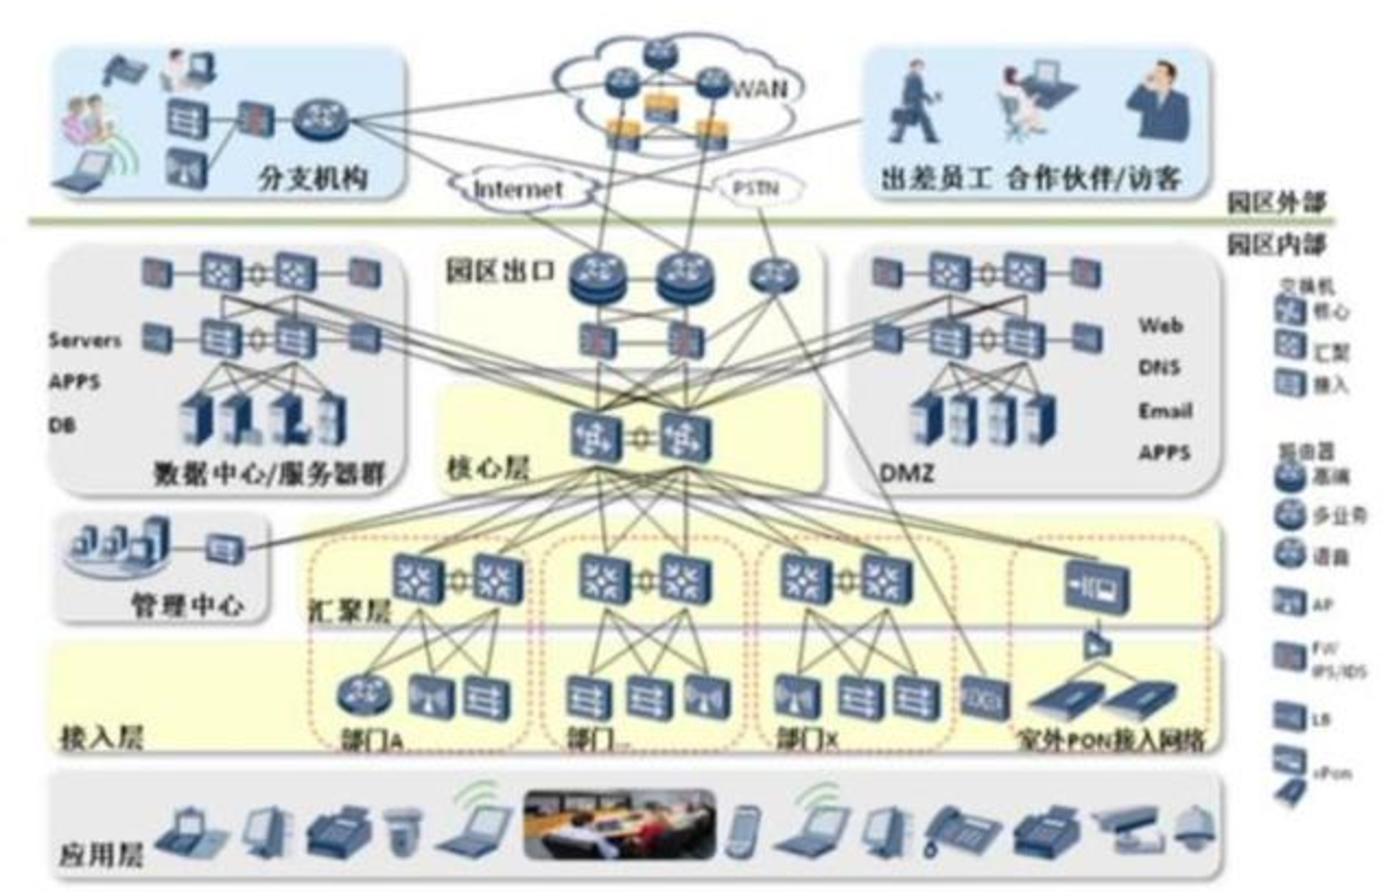 向下一代互联网过渡:IPv6的期中考与成绩单